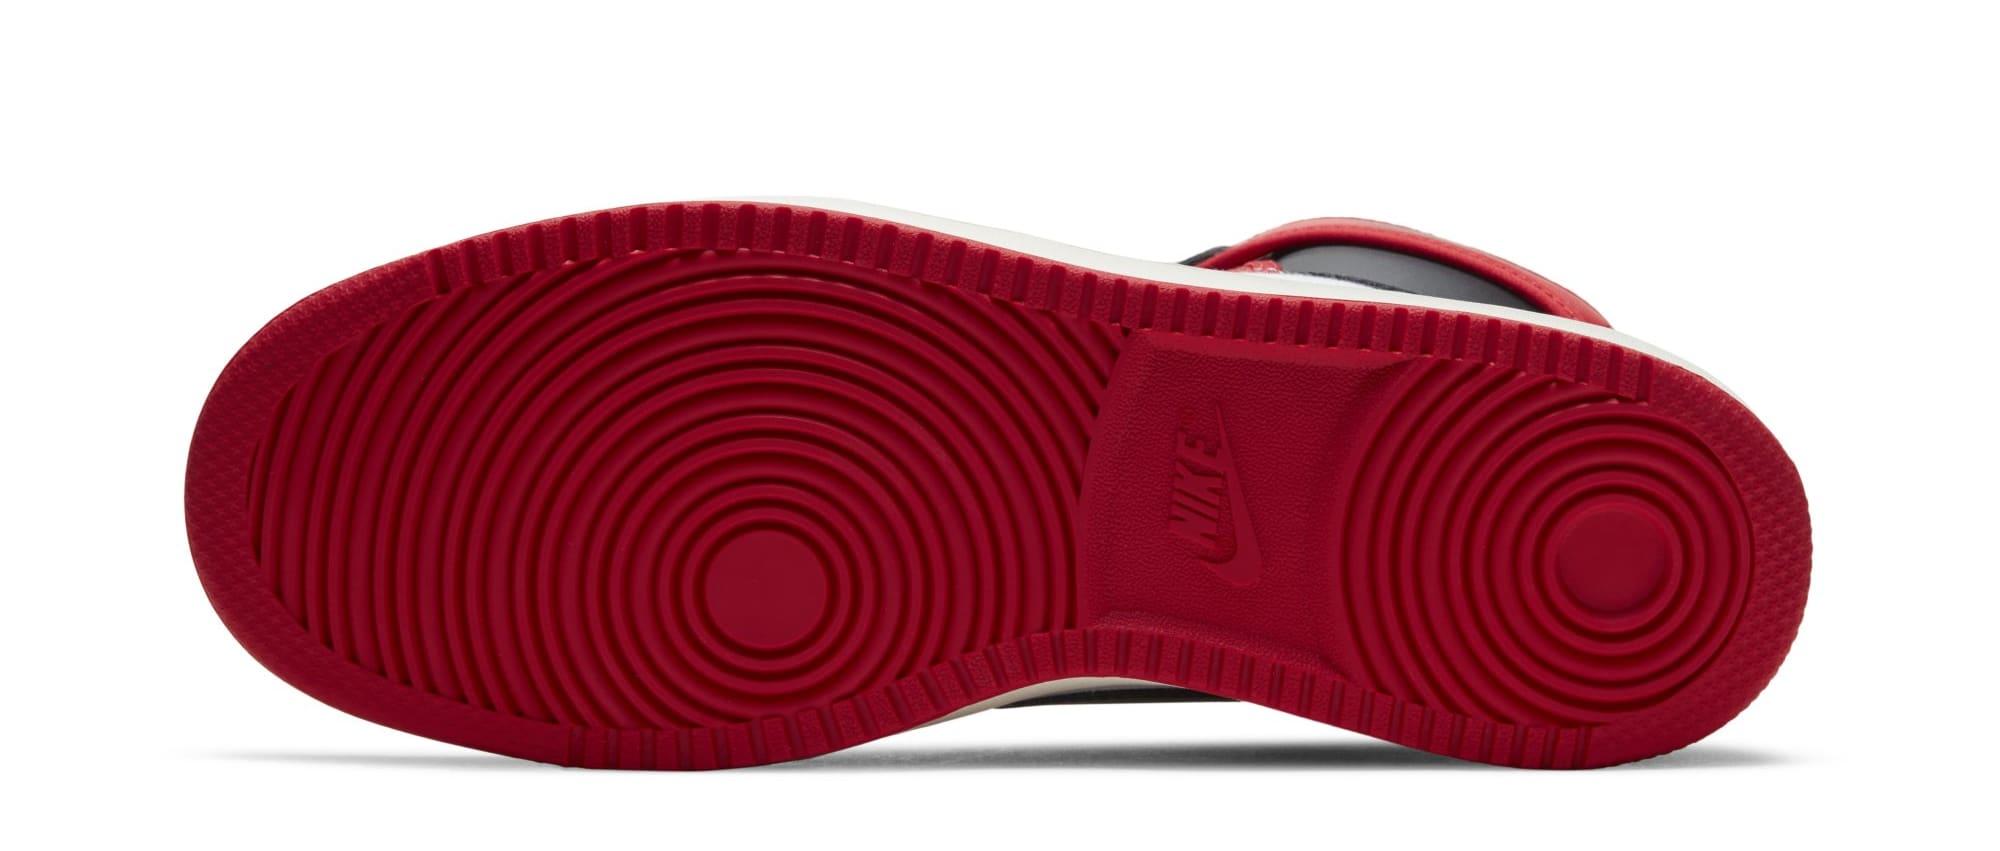 Air Jordan 1 KO 'Chicago' DA9089-100 (Sole)